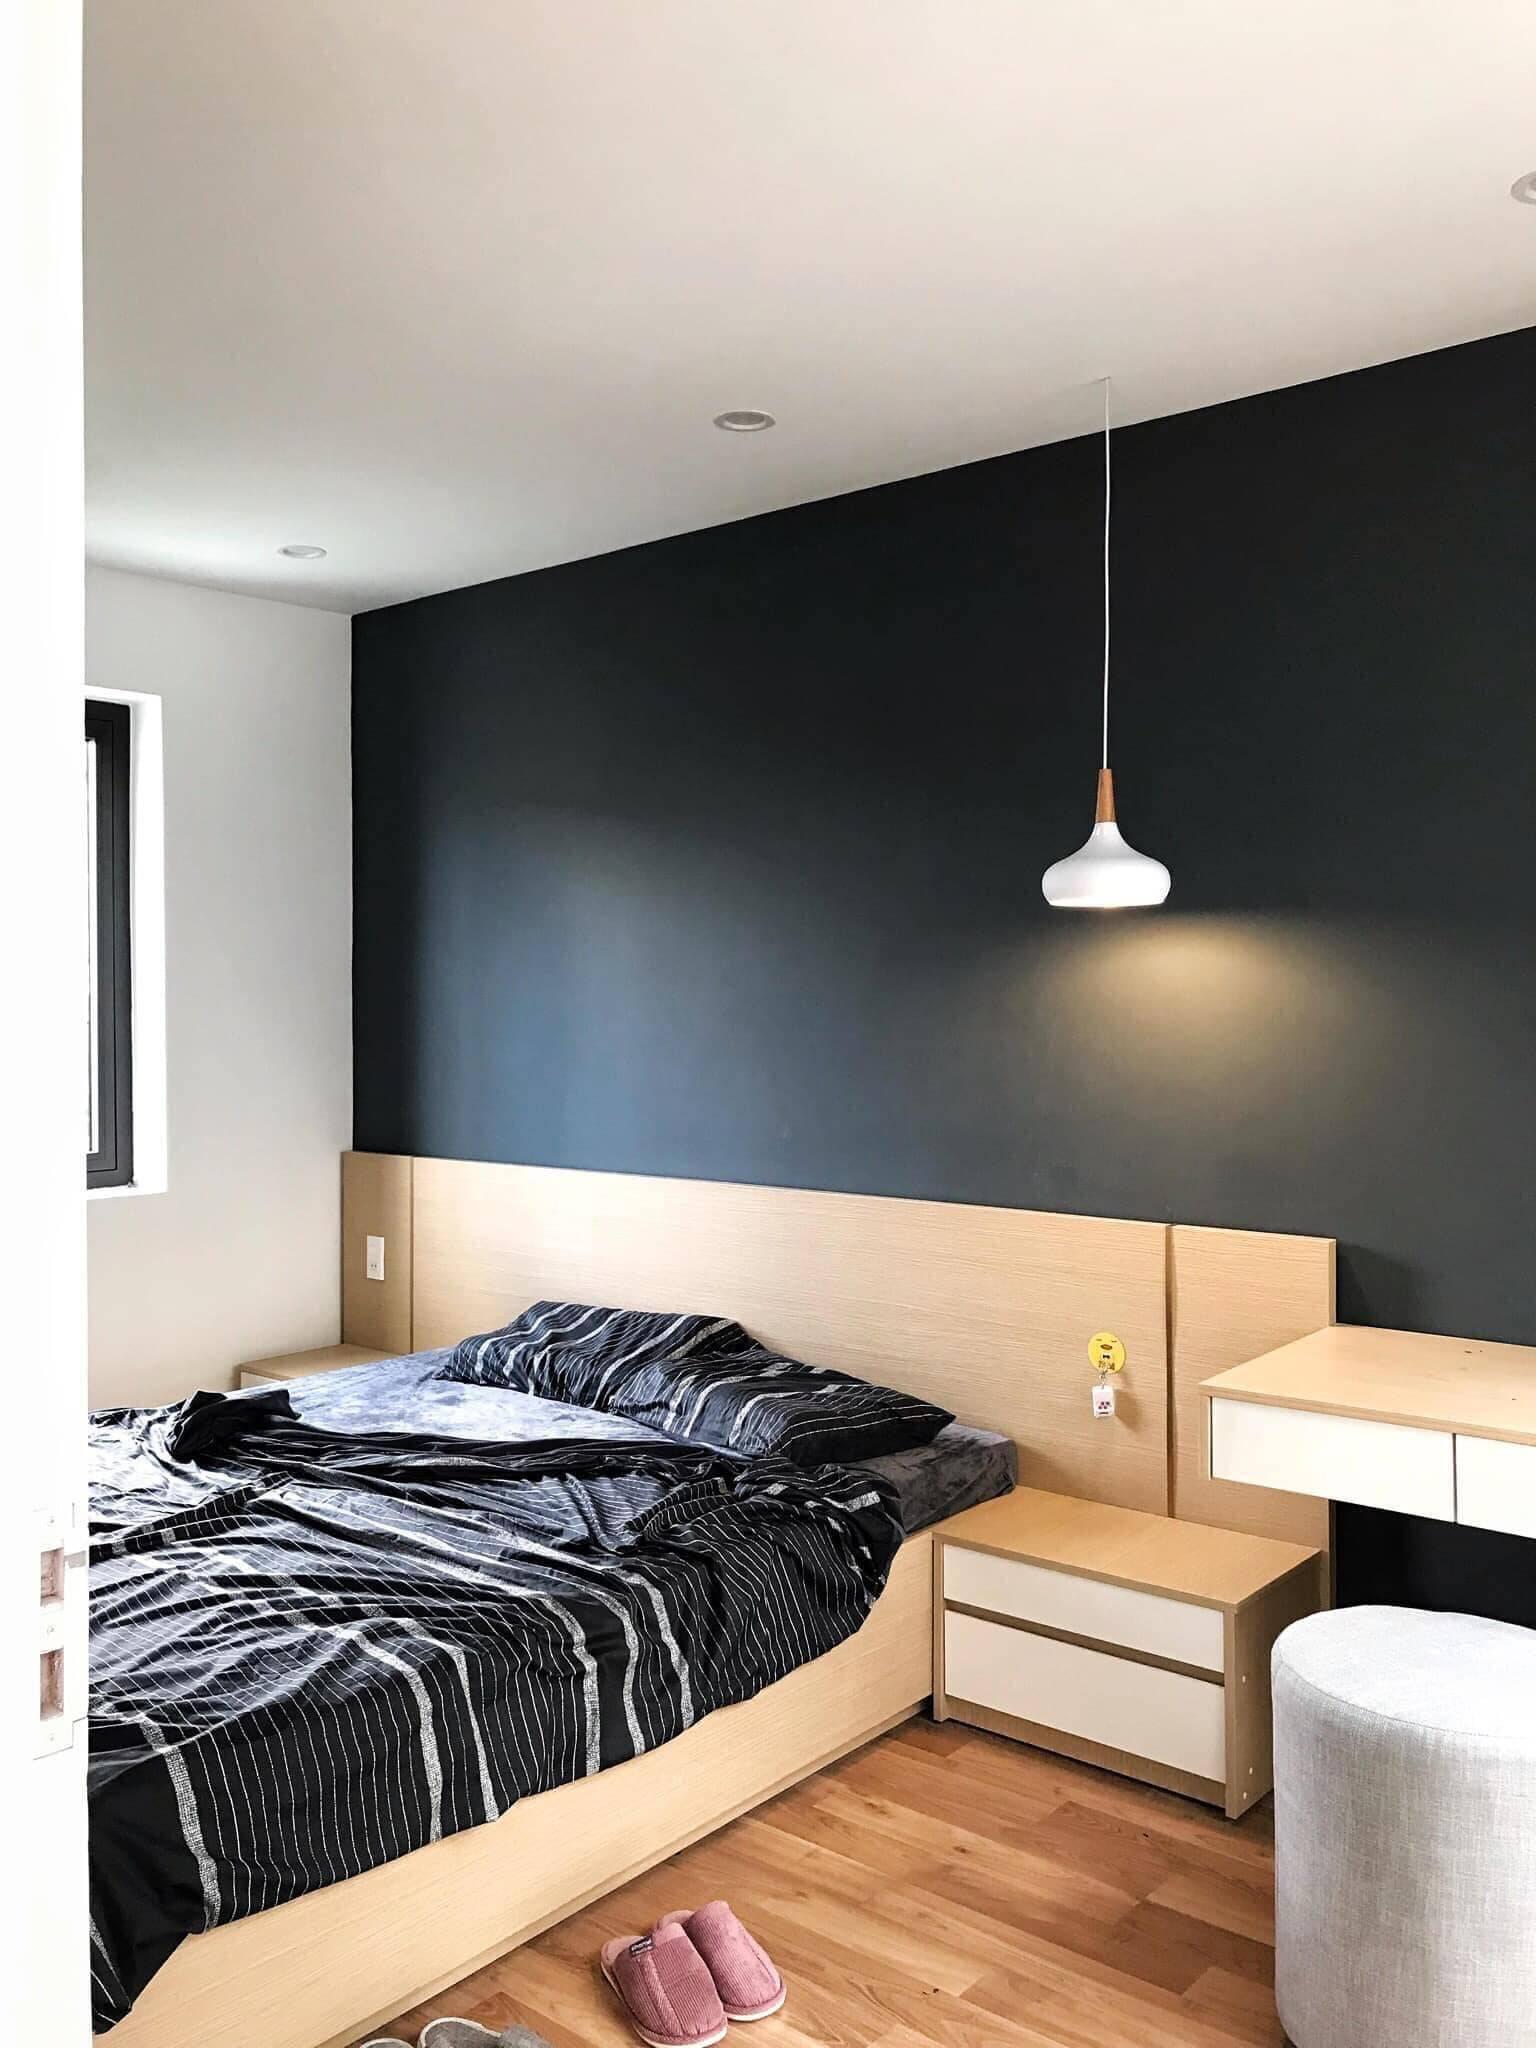 Các phòng ngủ đều được thiết kế theo phong cách hiện đại với gam màu trung tính.